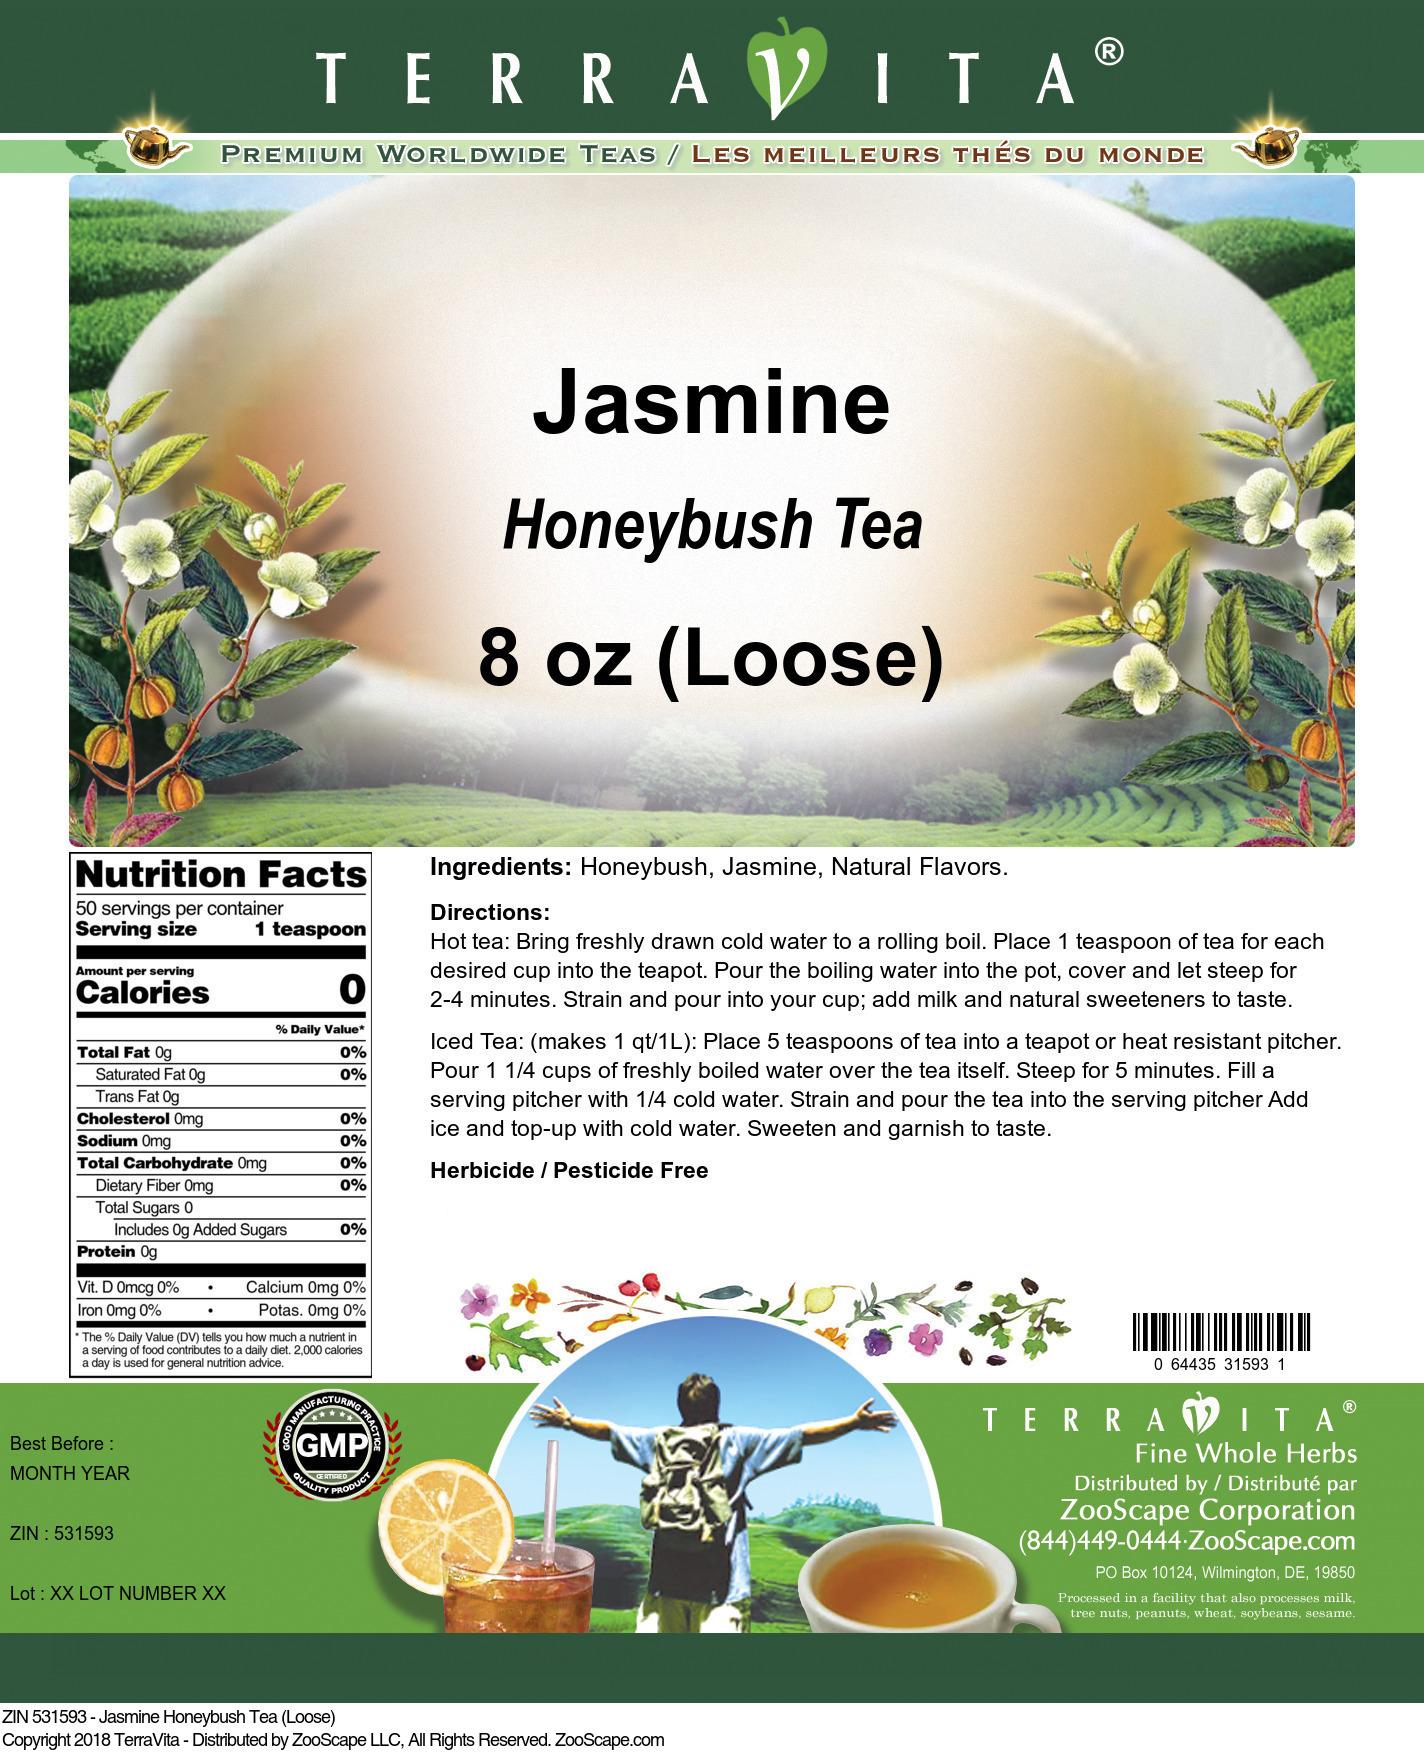 Jasmine Honeybush Tea (Loose)